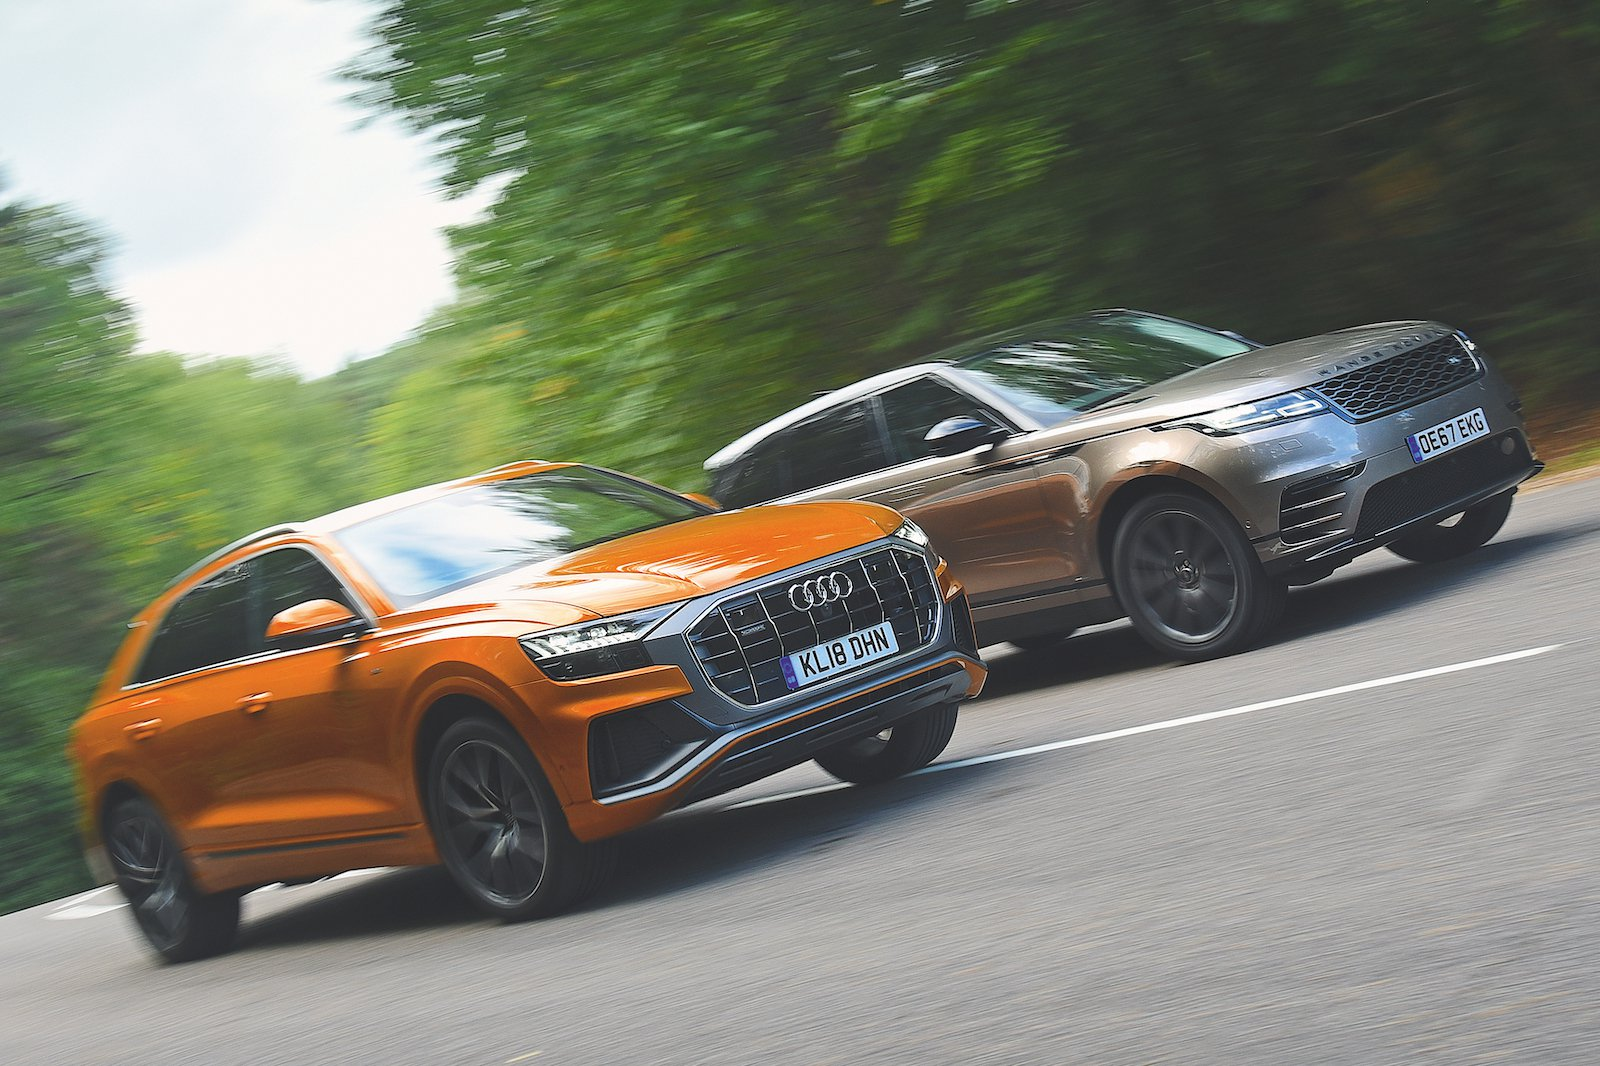 Used test: Audi Q8 vs Range Rover Velar